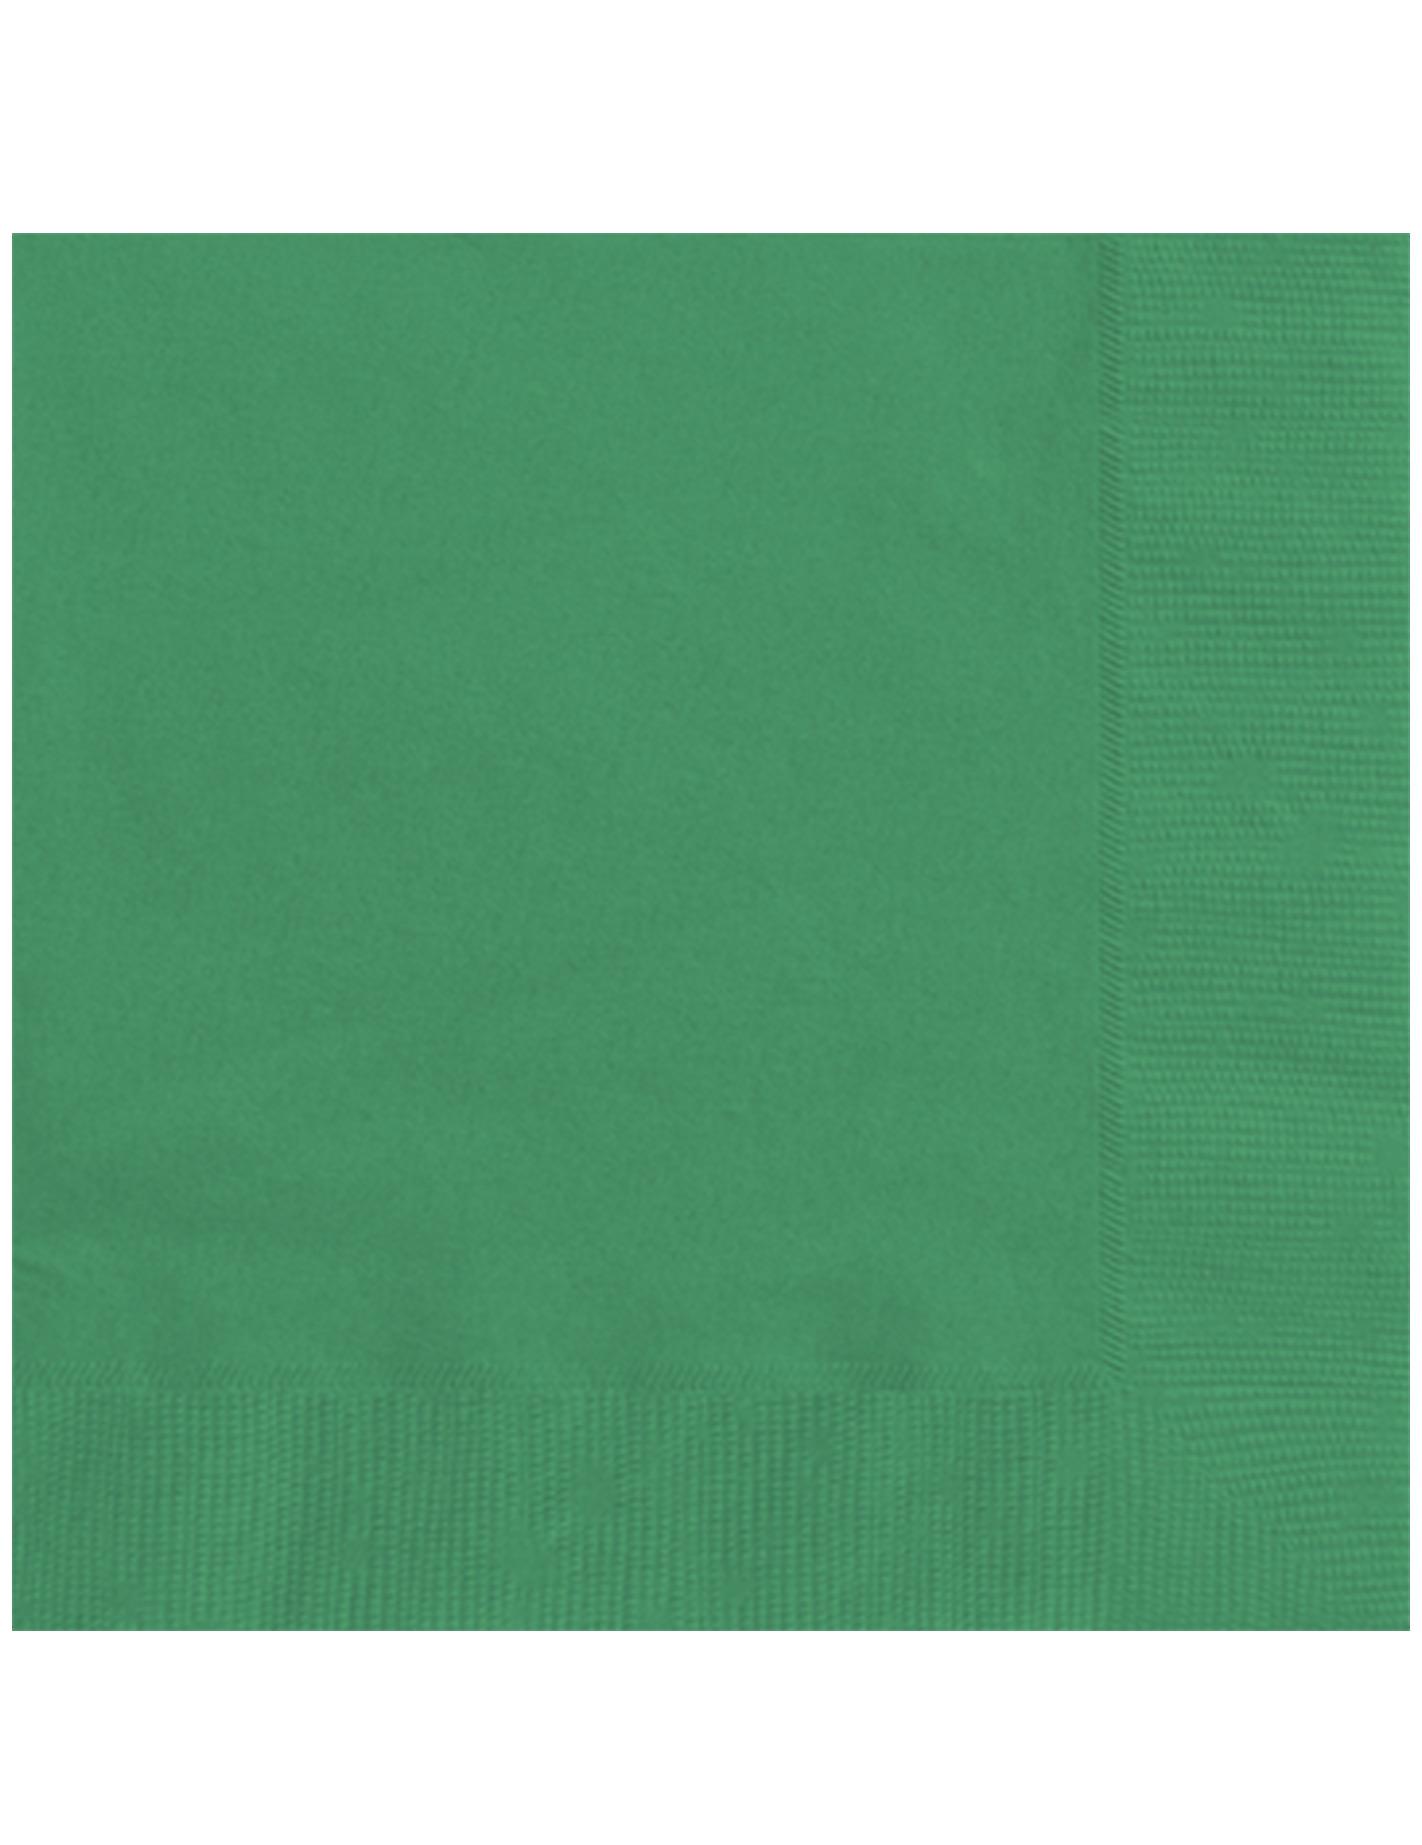 20 serviettes en papier vert meraude 33 x 33 cm d coration anniversaire et f tes th me sur - Serviette en papier vert fonce ...